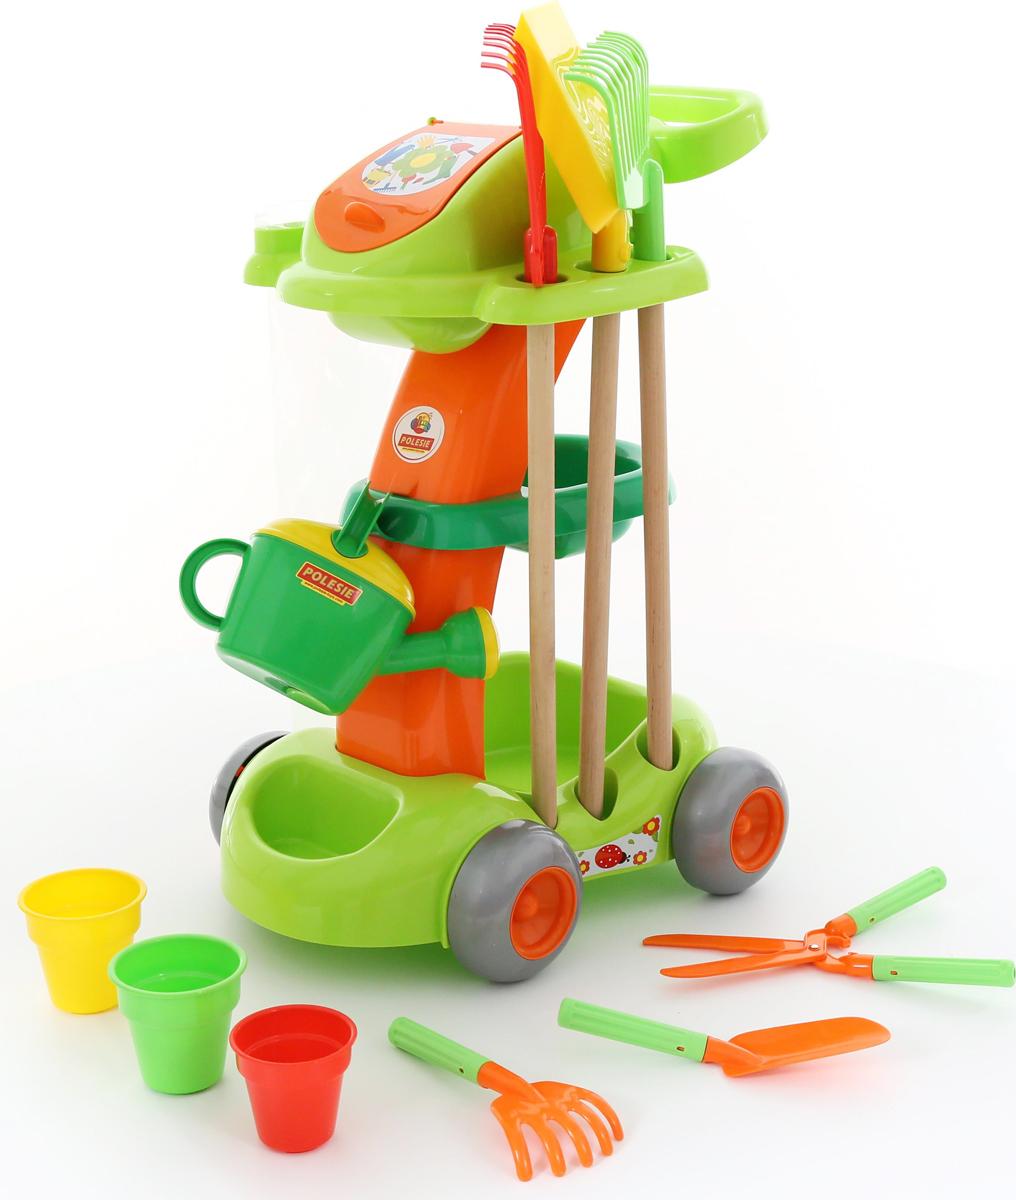 Фото - Полесье Набор игрушек для песочницы Садовый, цвет в ассортименте полесье набор игрушек для песочницы 468 цвет в ассортименте